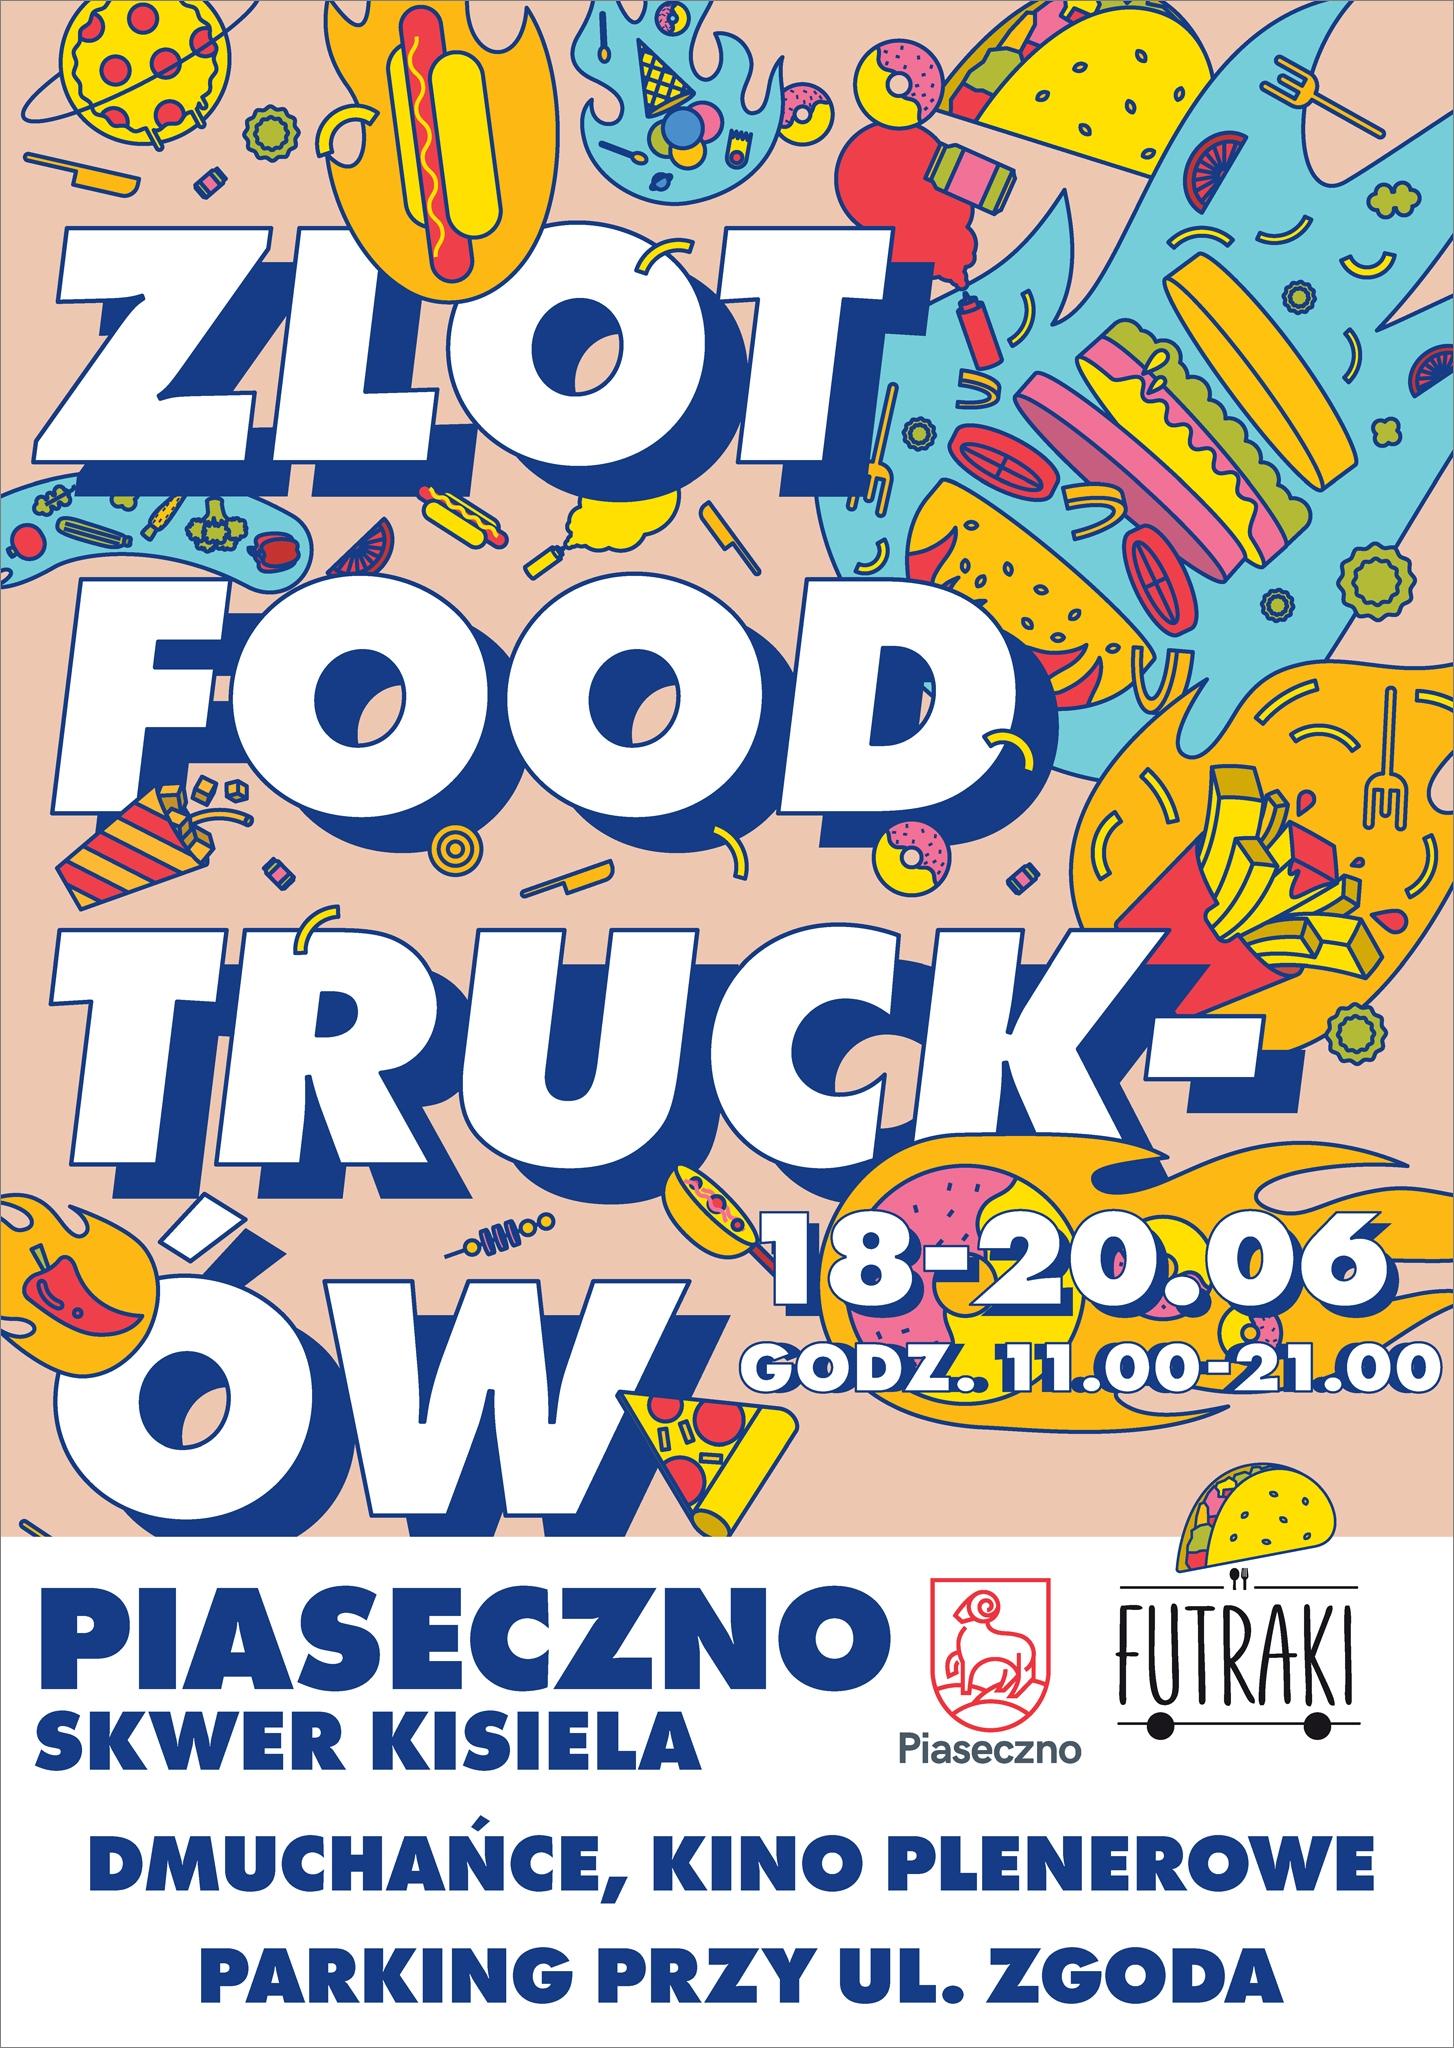 Plakat wydarzenia Zlot Food Trucków Piaseczno 2021